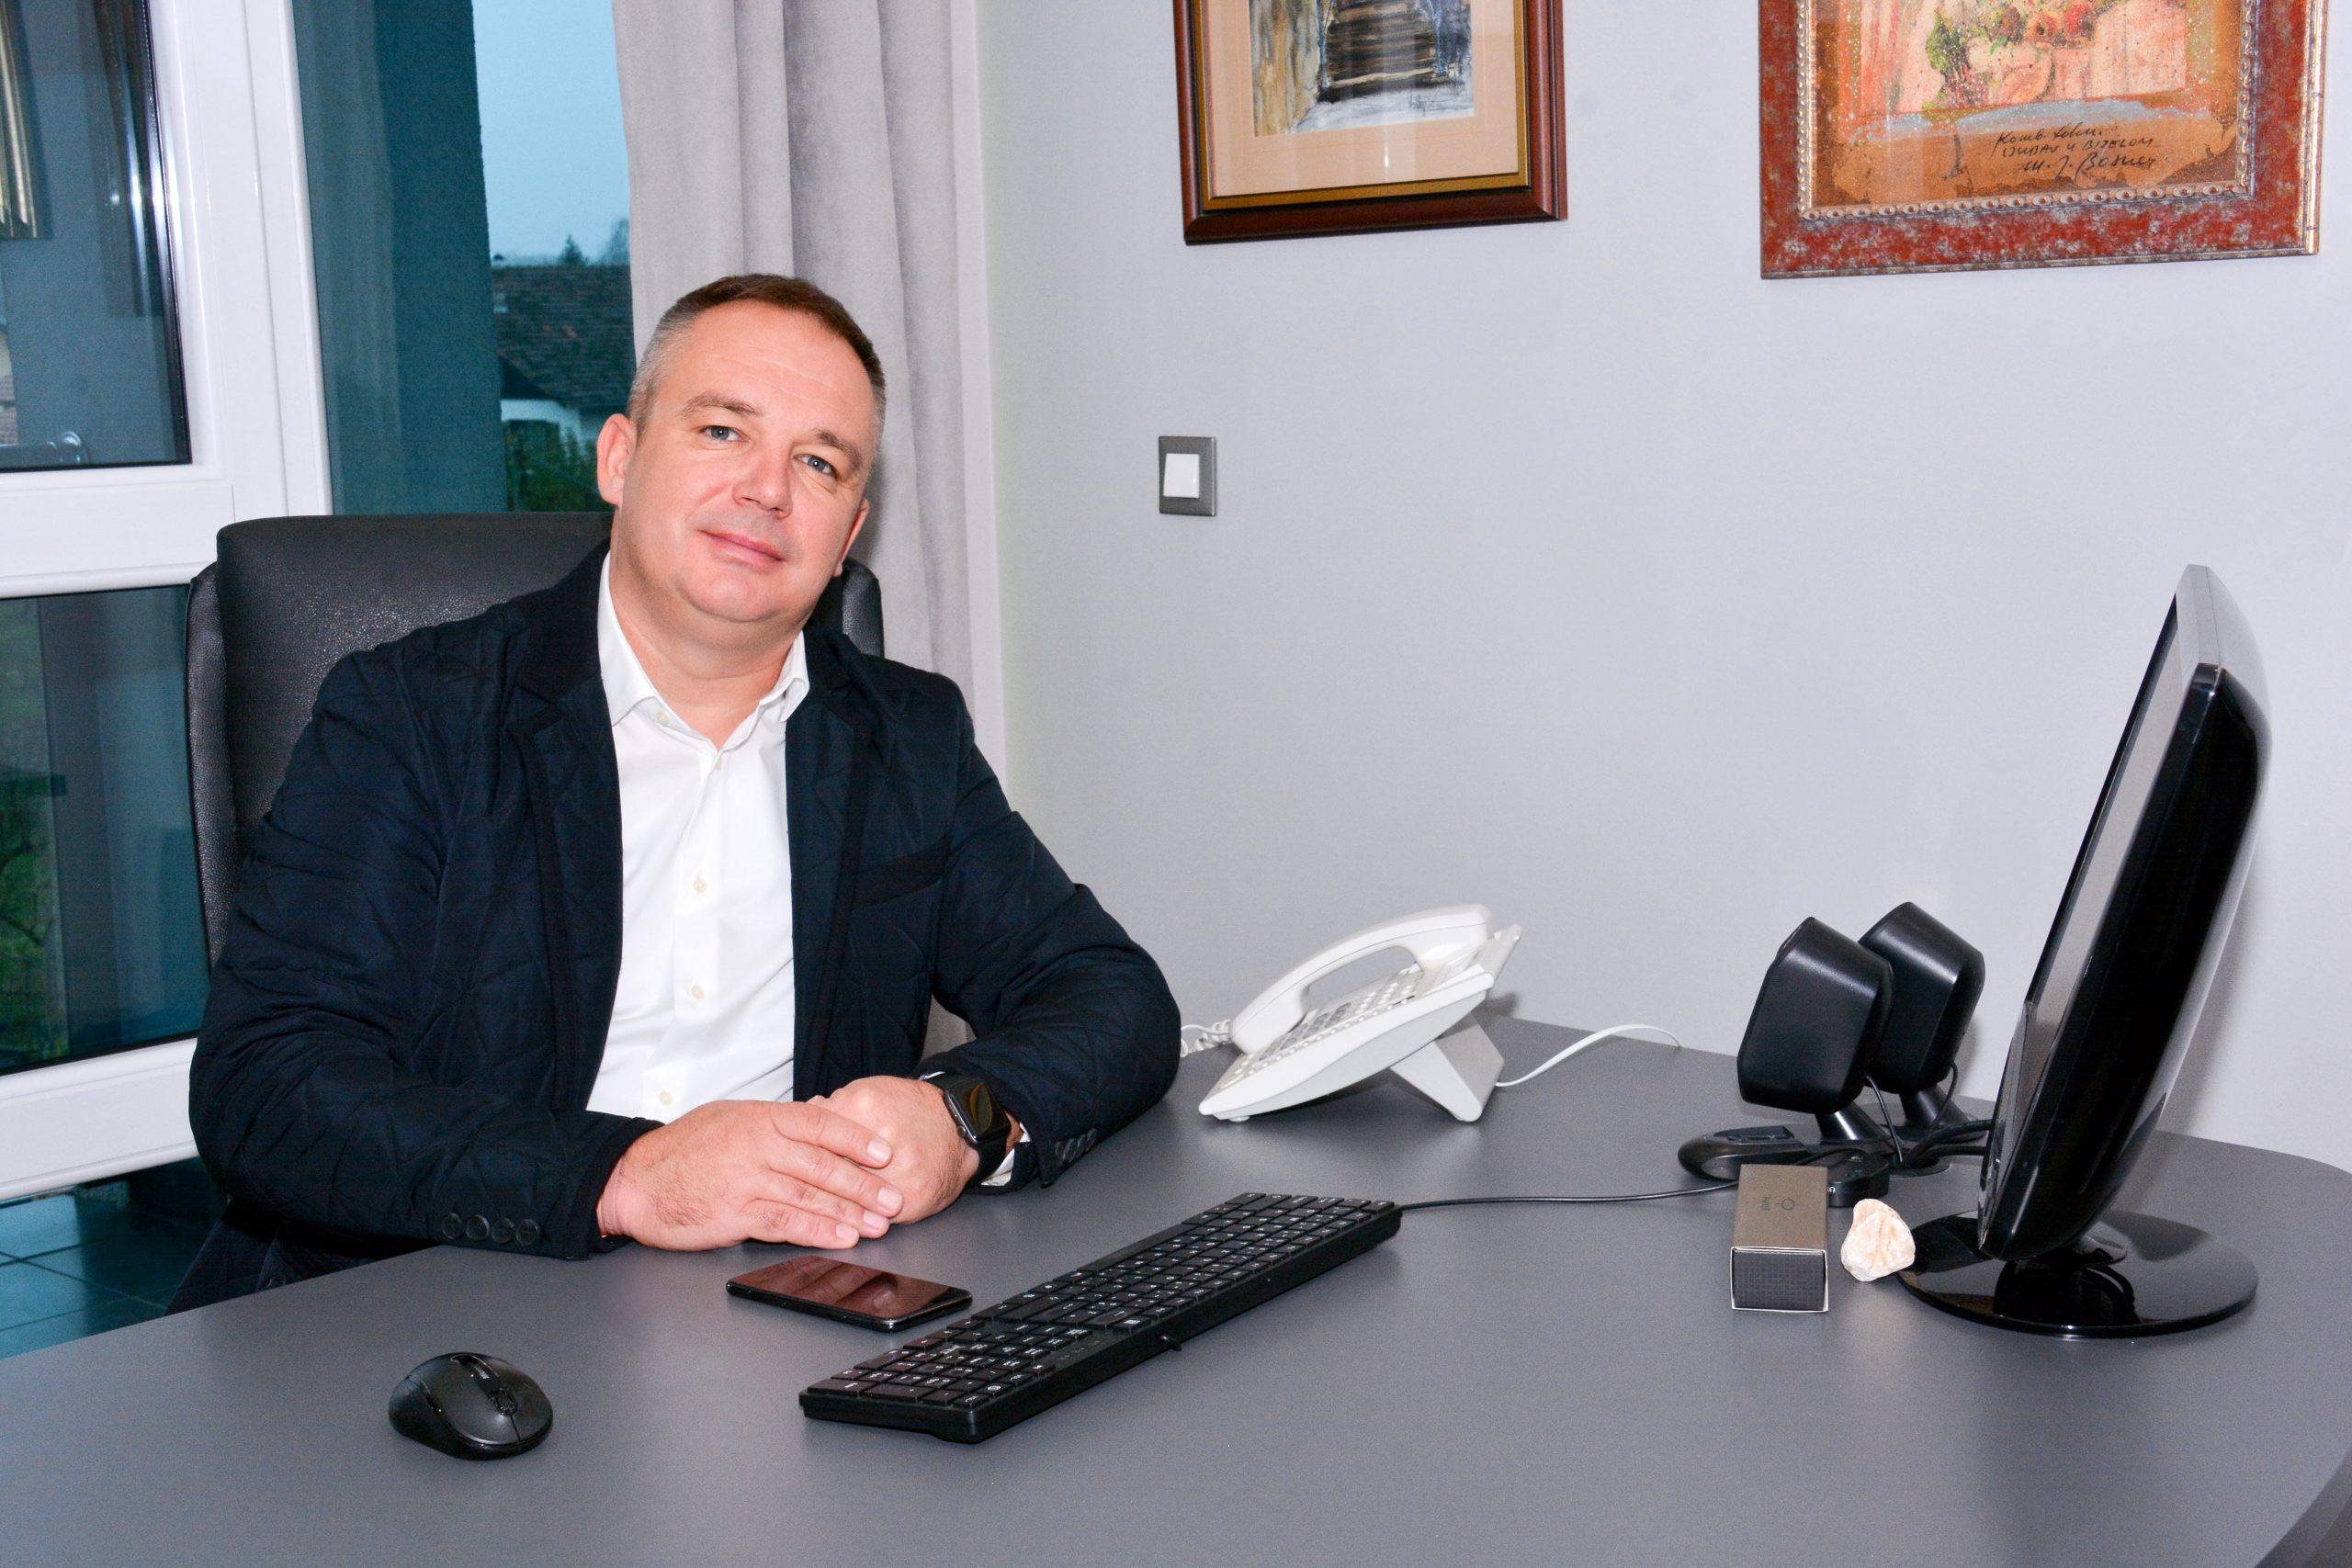 Željko Buči